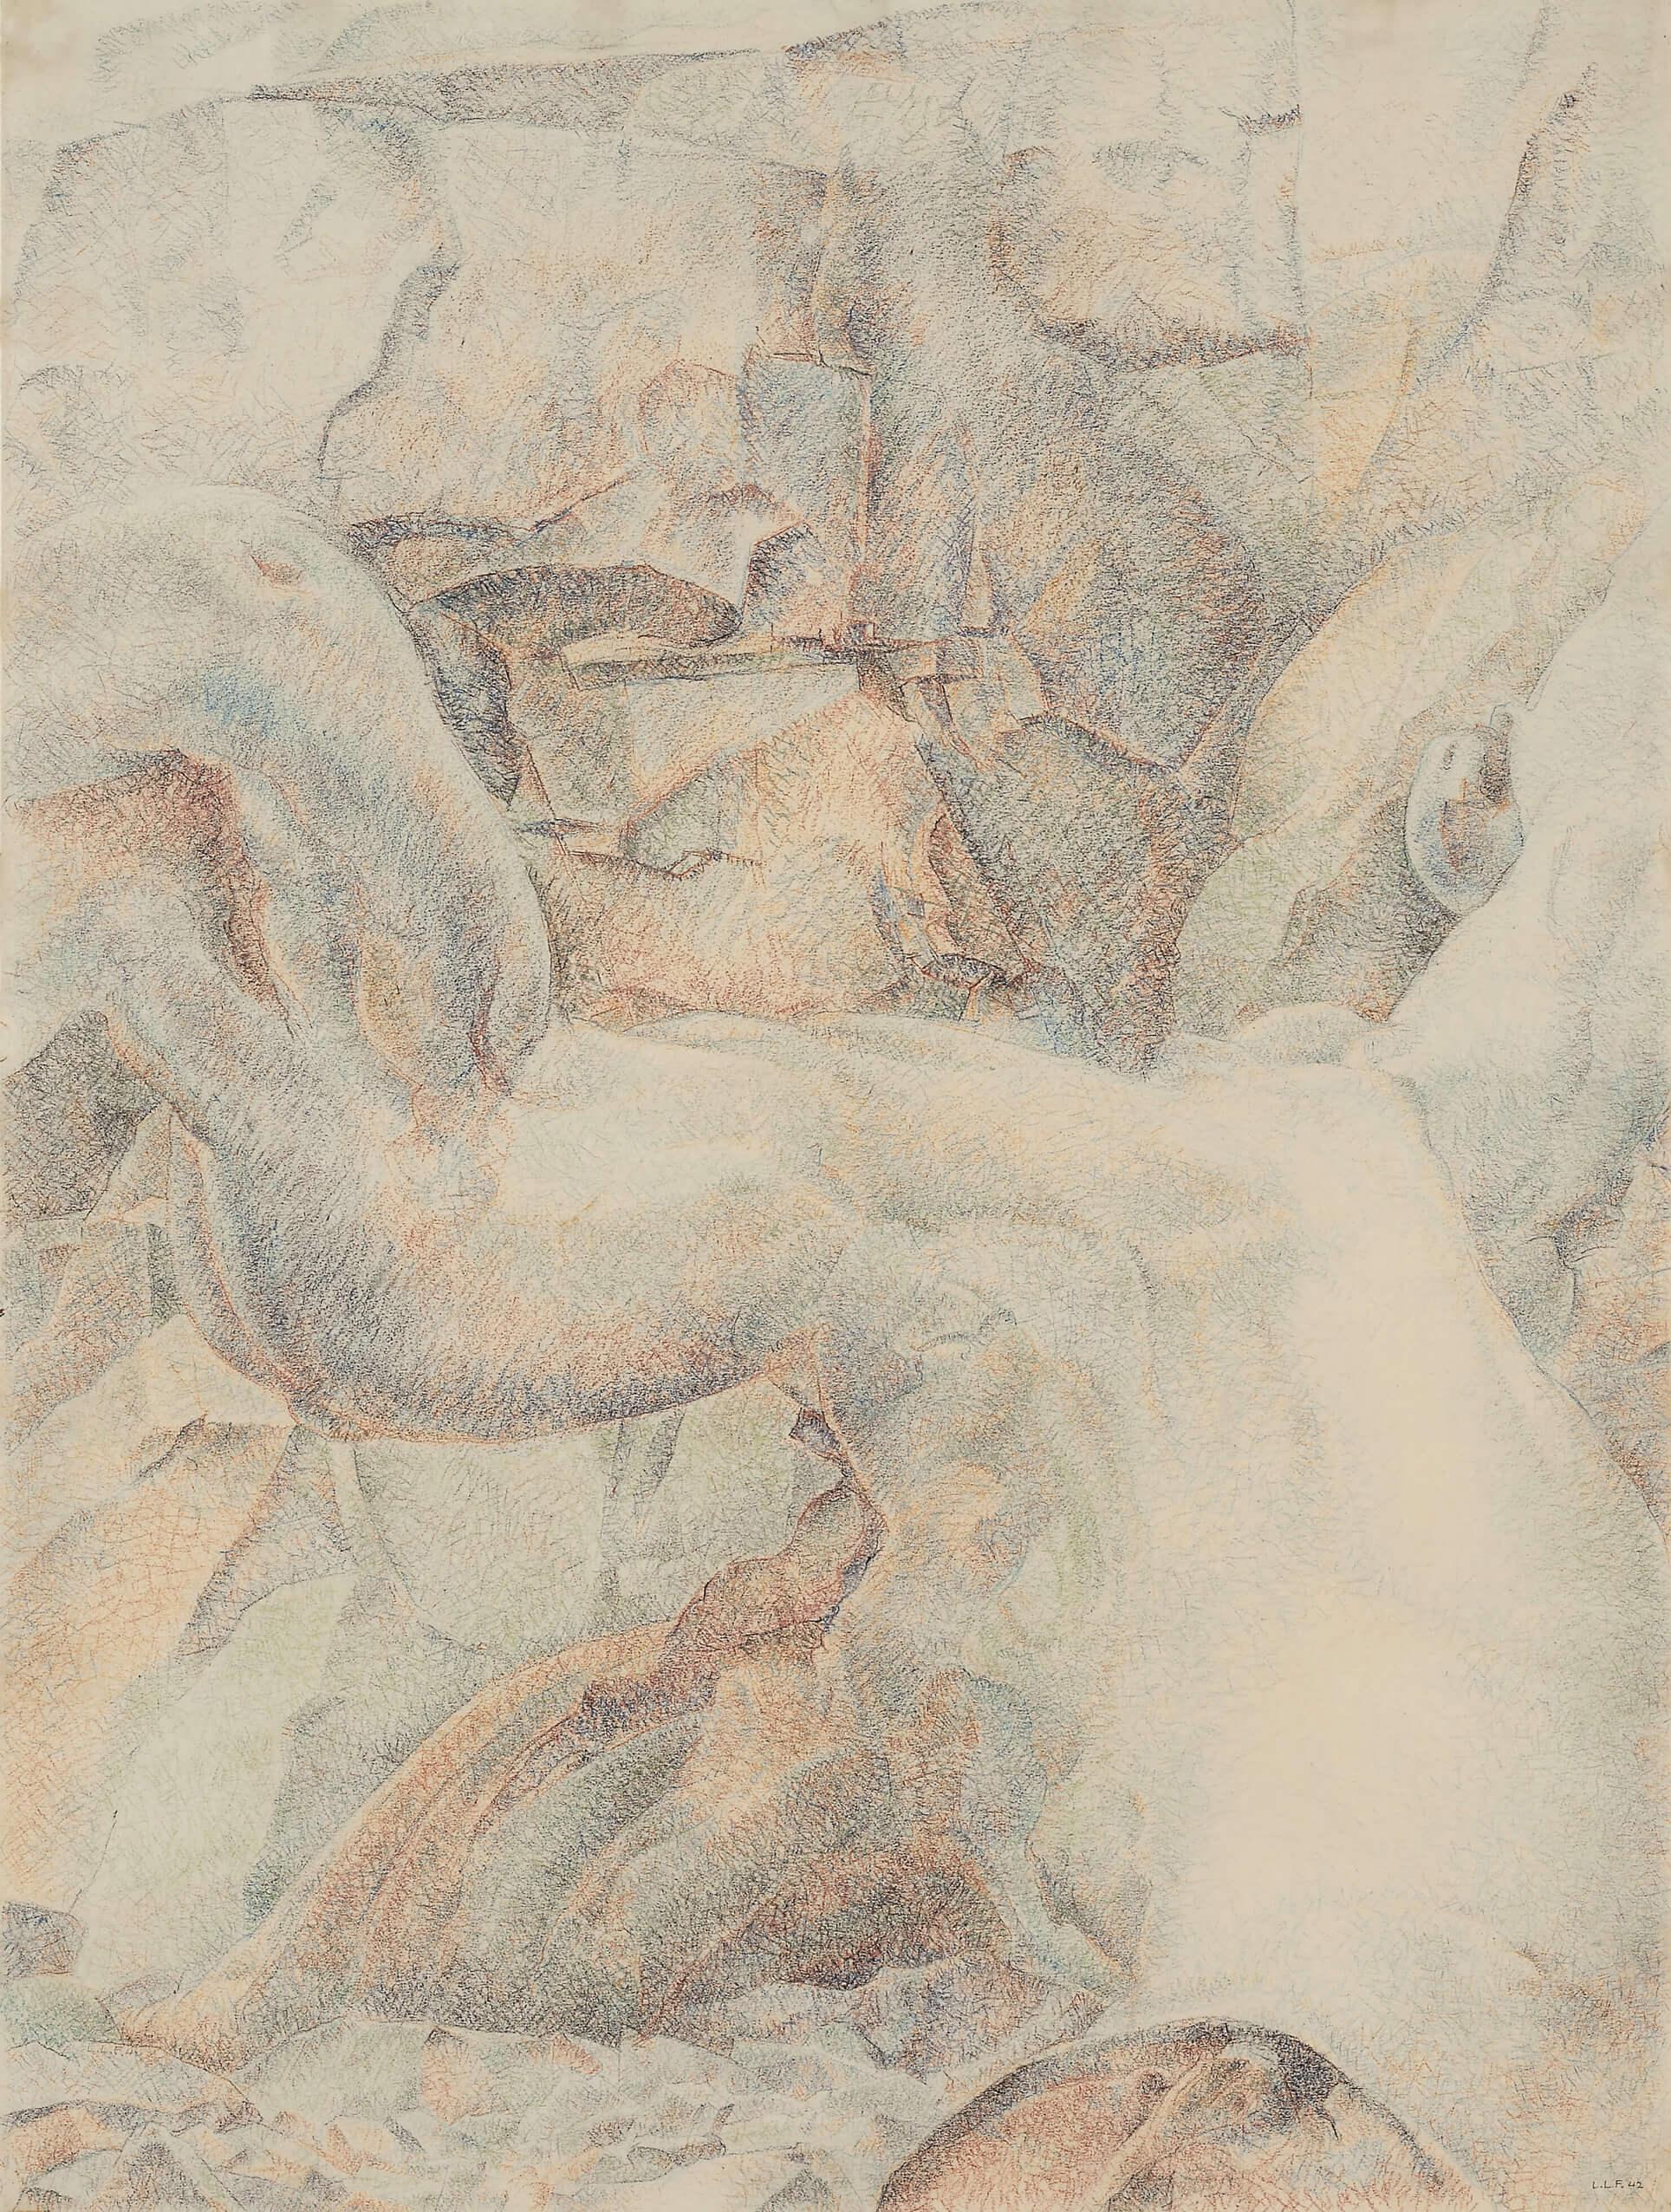 Lionel LeMoine FitzGerald, Paysage abstrait, 1942